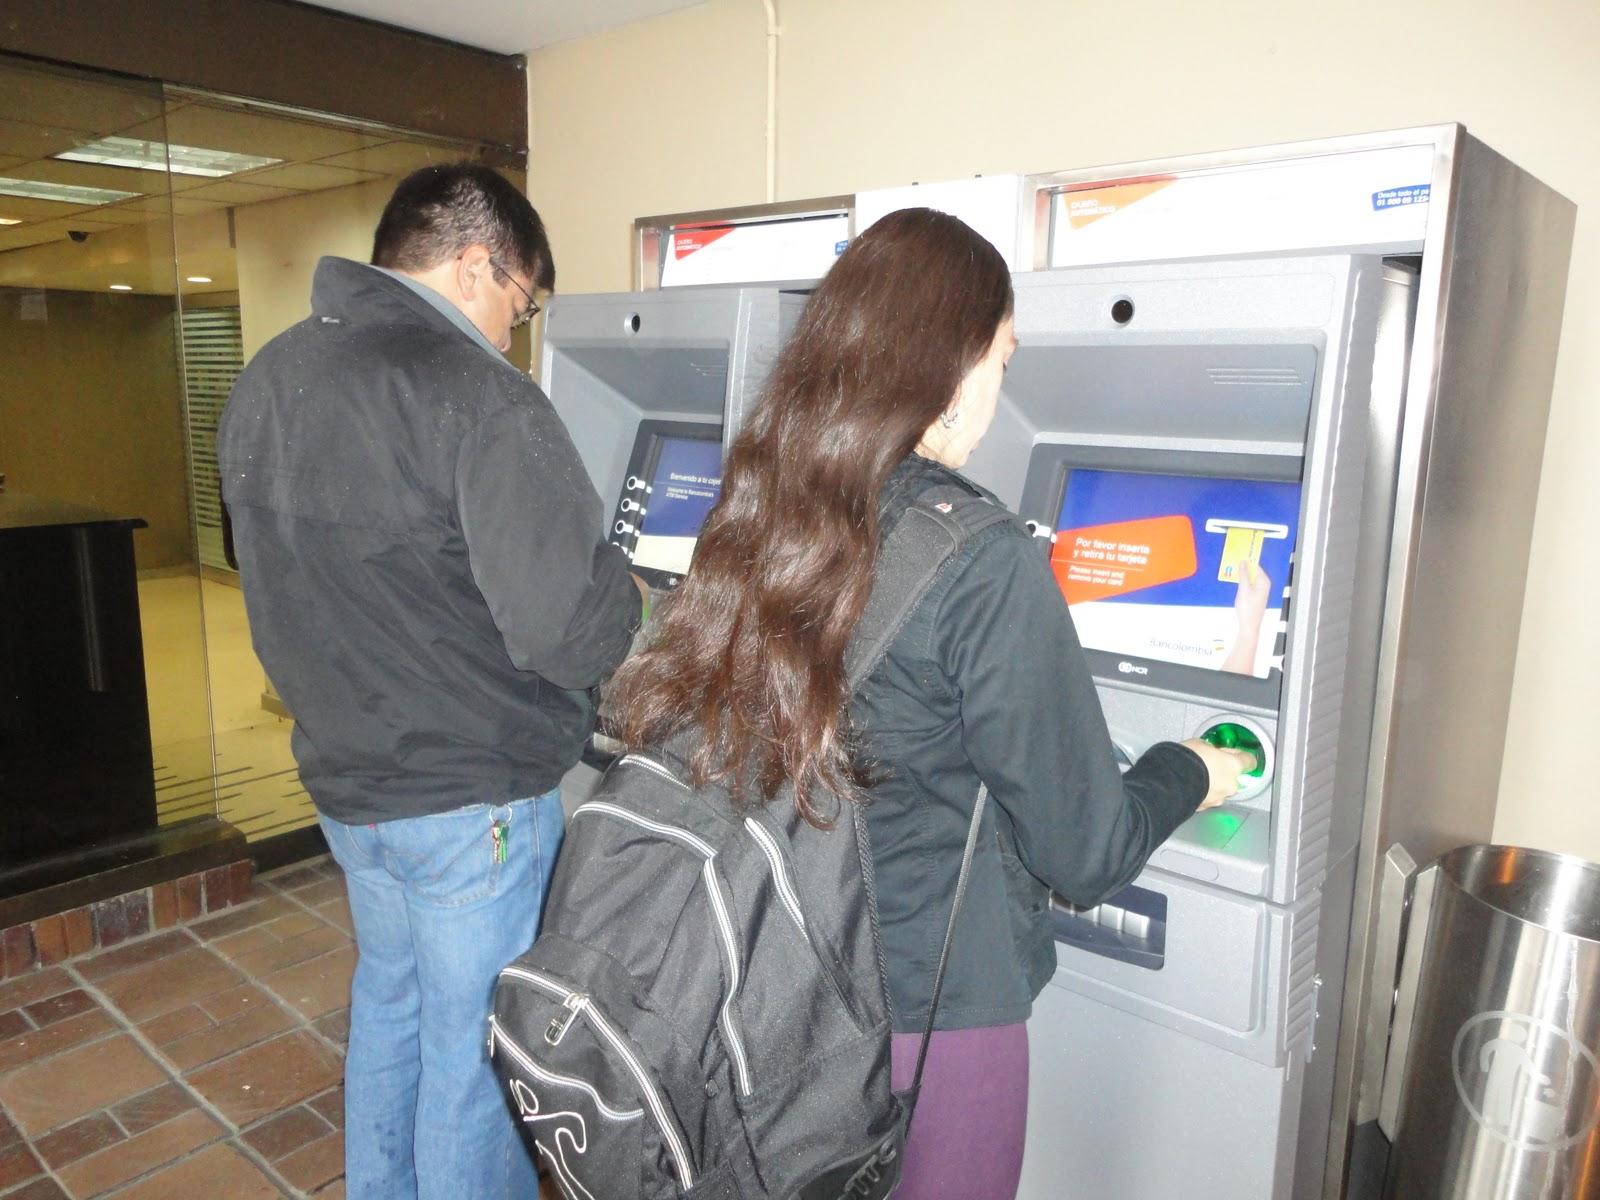 Duda retirar dinero en colombia for Dinero maximo cajero